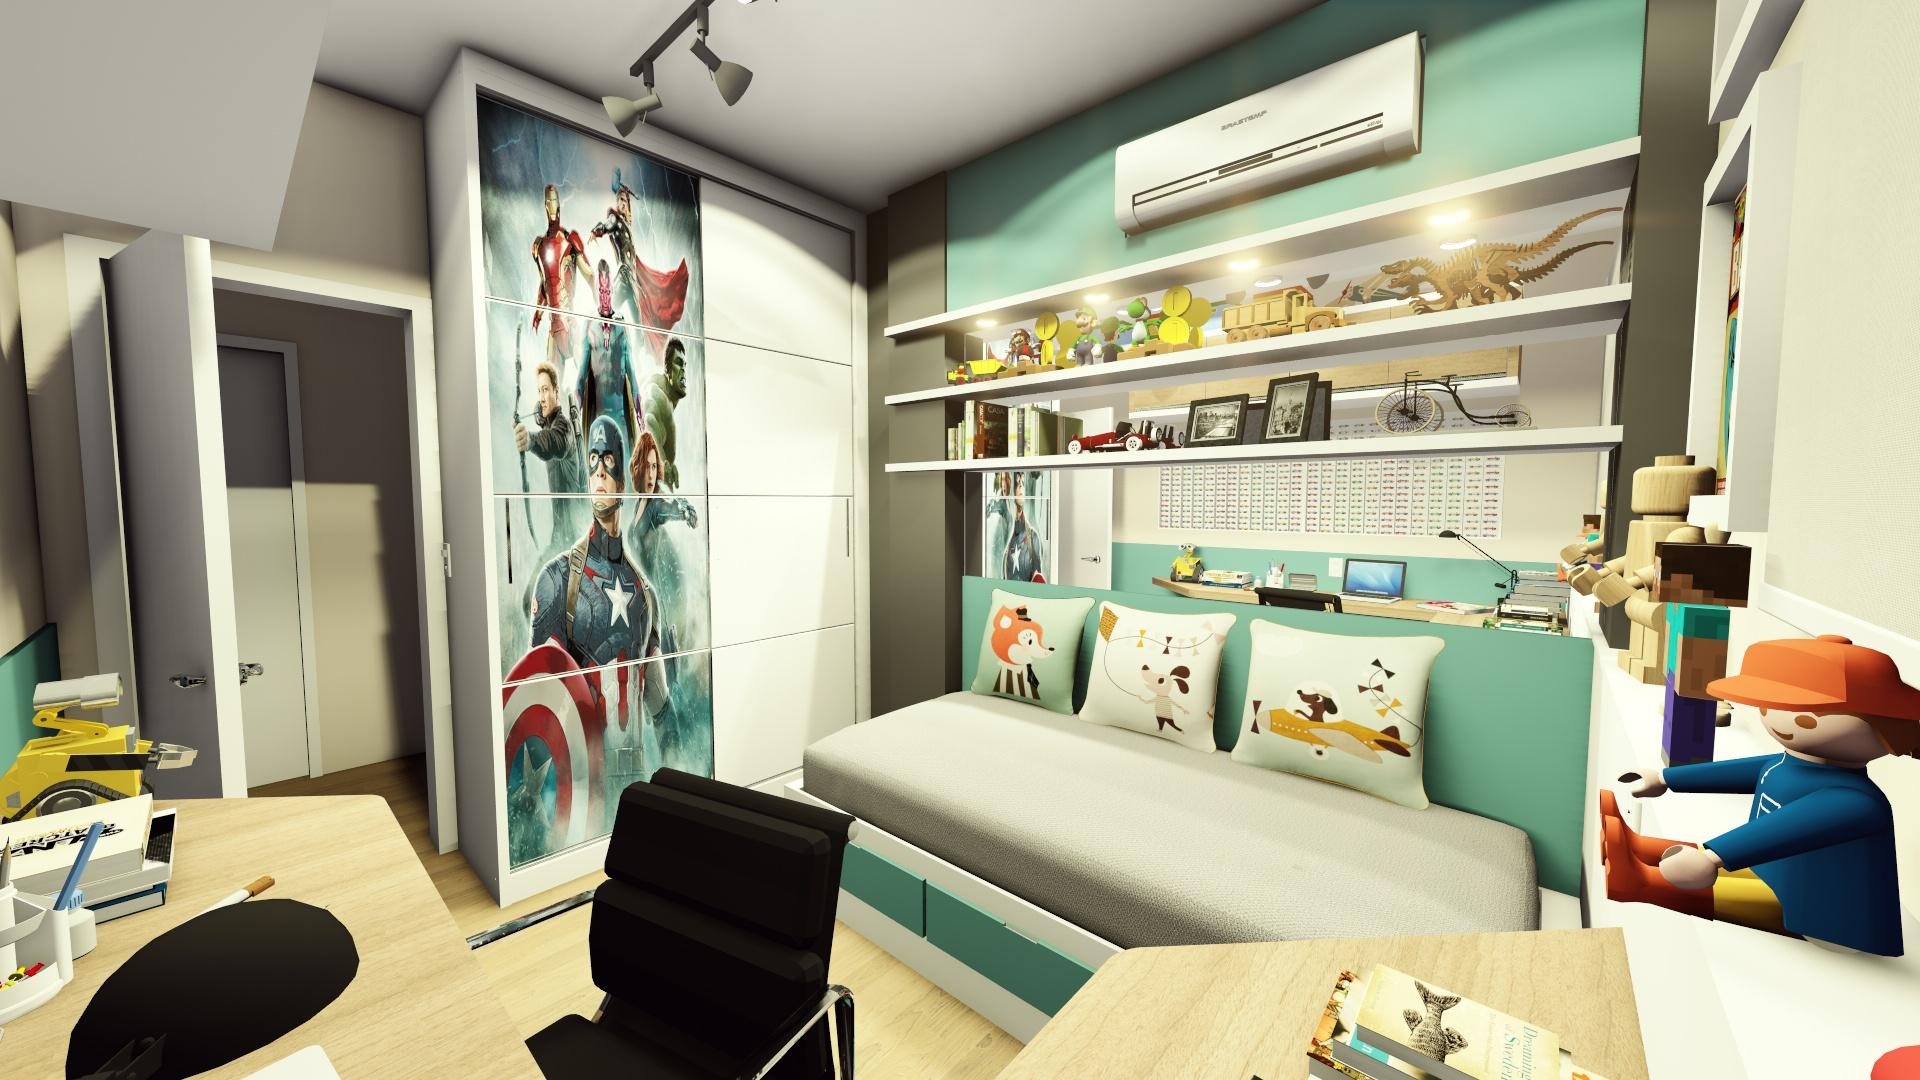 Rev2_dormitório_004